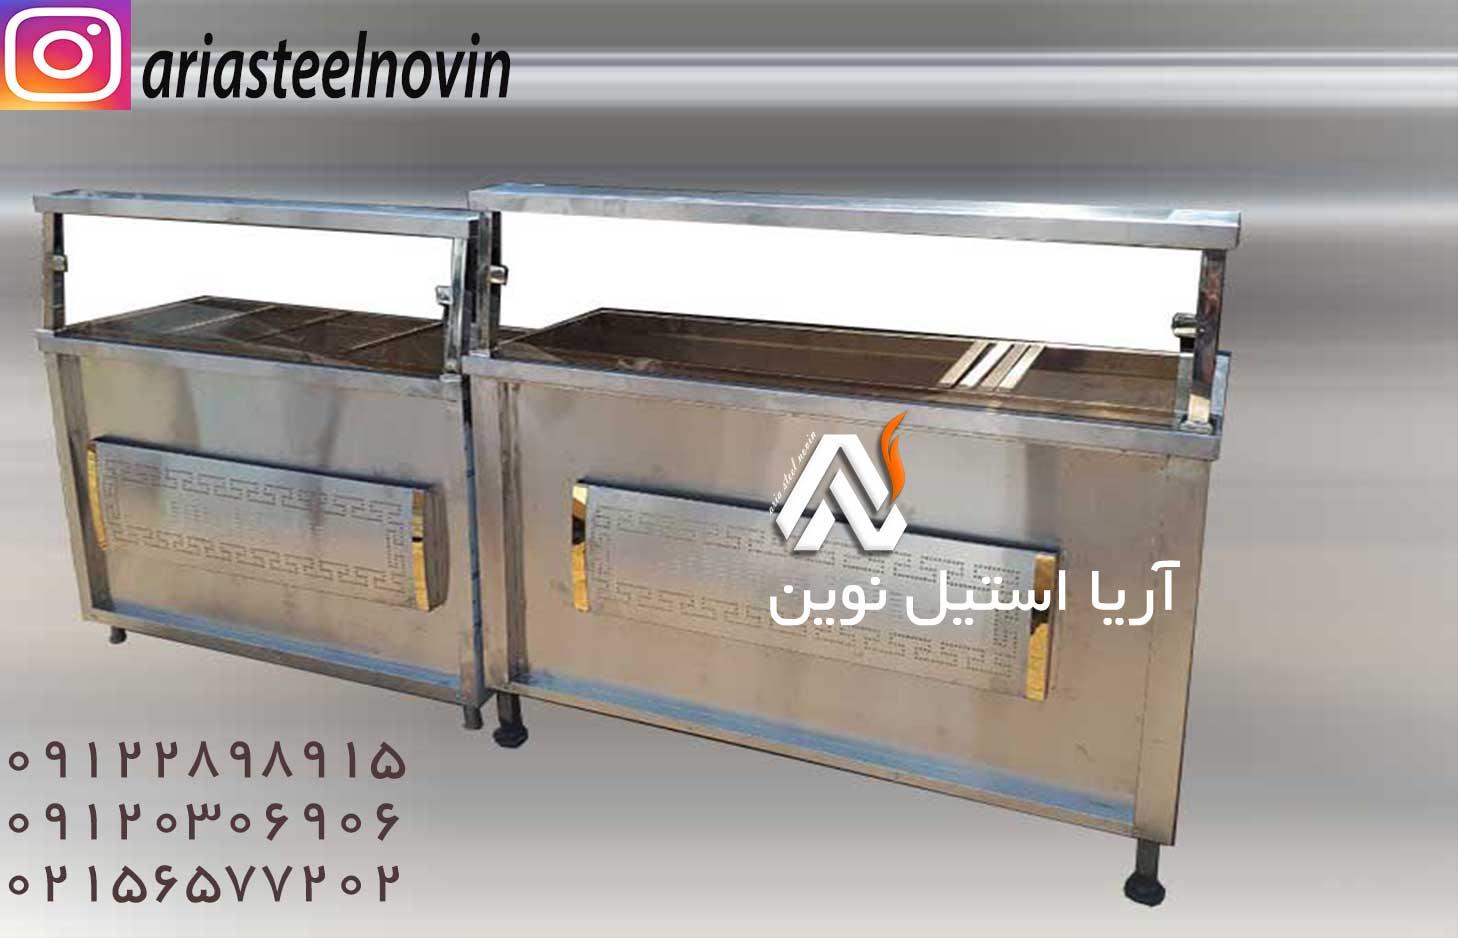 قیمت کانتر گرم | تجهیزات آشپزخانه صنعتی | تجهیزات فست فود